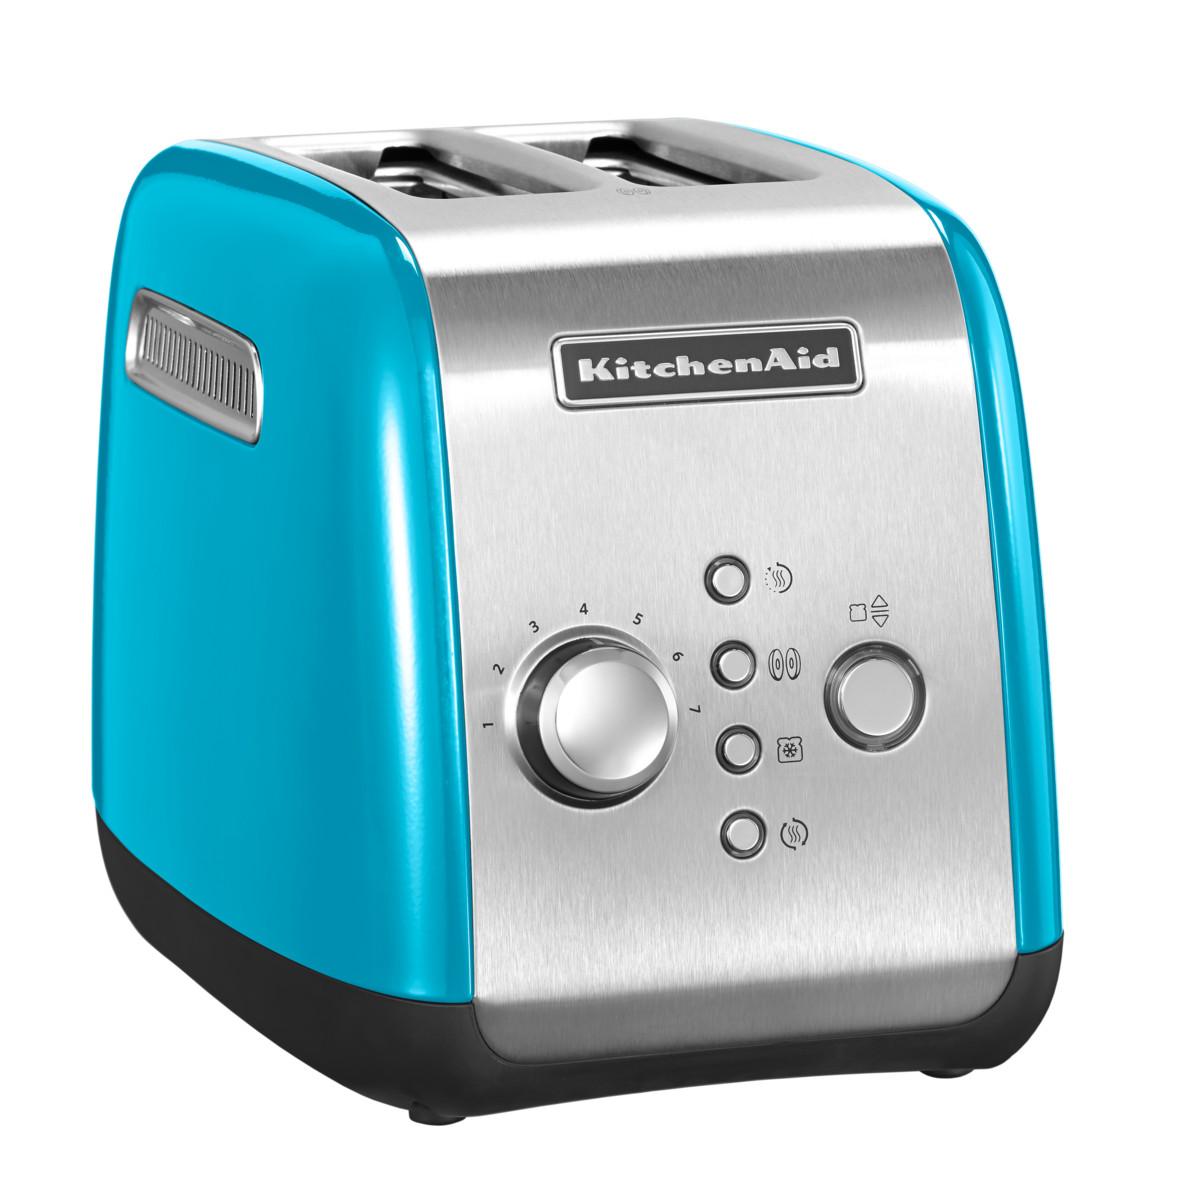 Toustovač P2 5KMT221, KitchenAid Barva: křišťálově modrá +Příslušenství v hodnotě 1580,-Kč